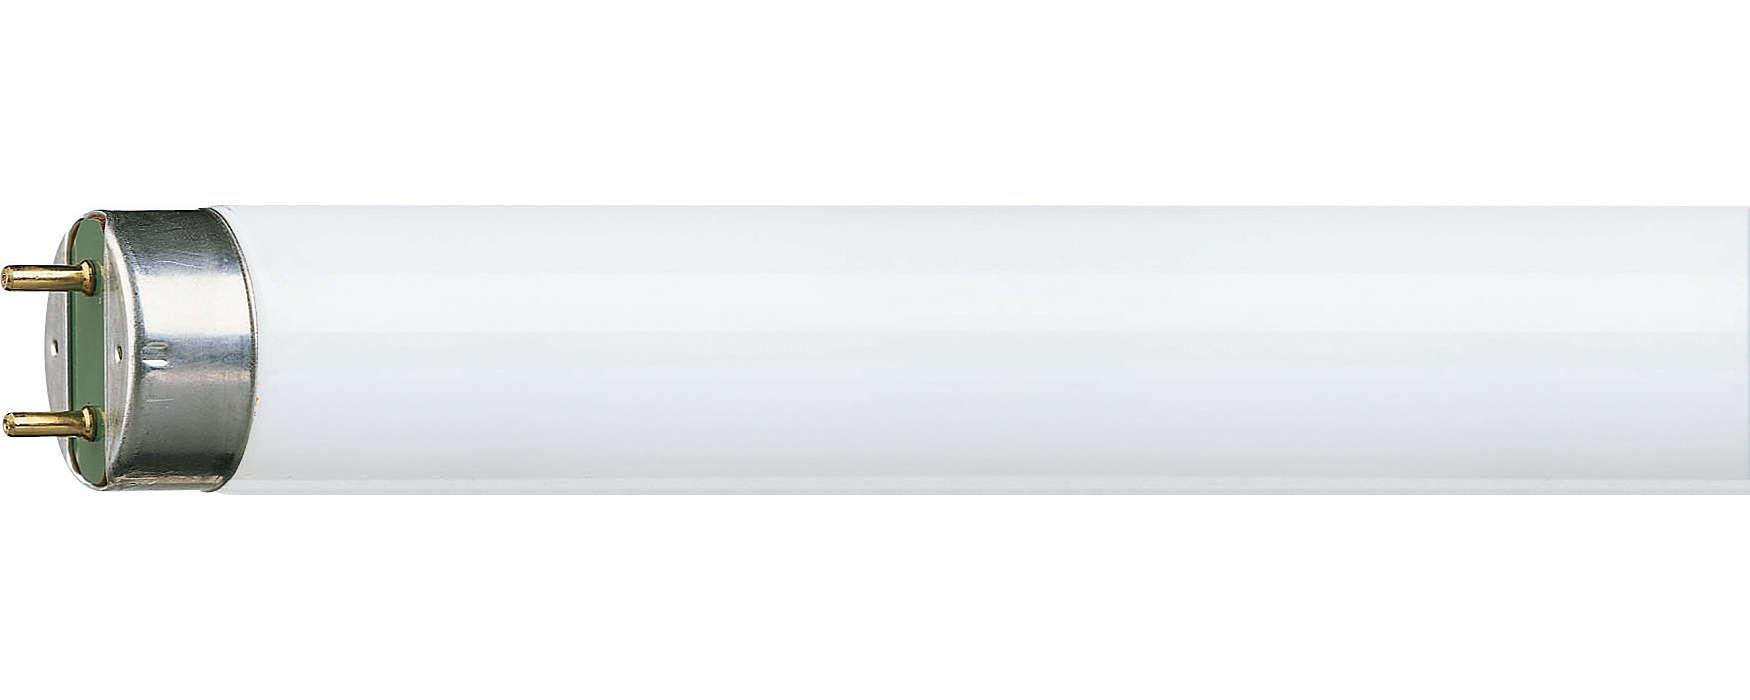 Αποδοτικός φωτισμός φθορισμού με βελτιωμένη απόδοση χρωμάτων